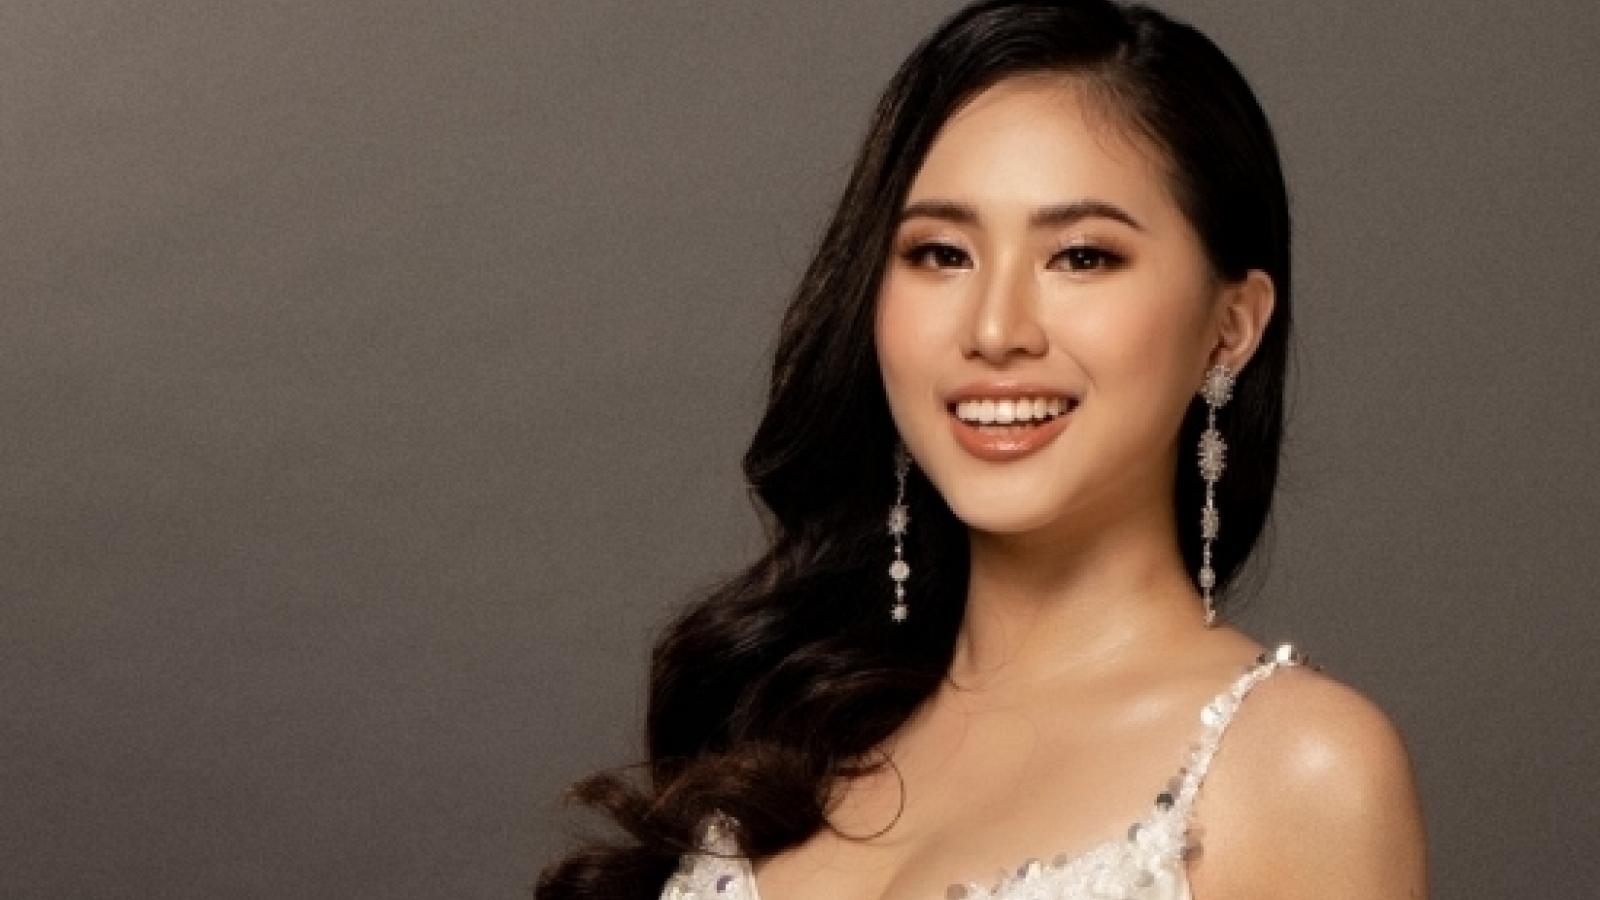 Thí sinh Hoa hậu Việt Nam đỗ 3 đại học Mỹ